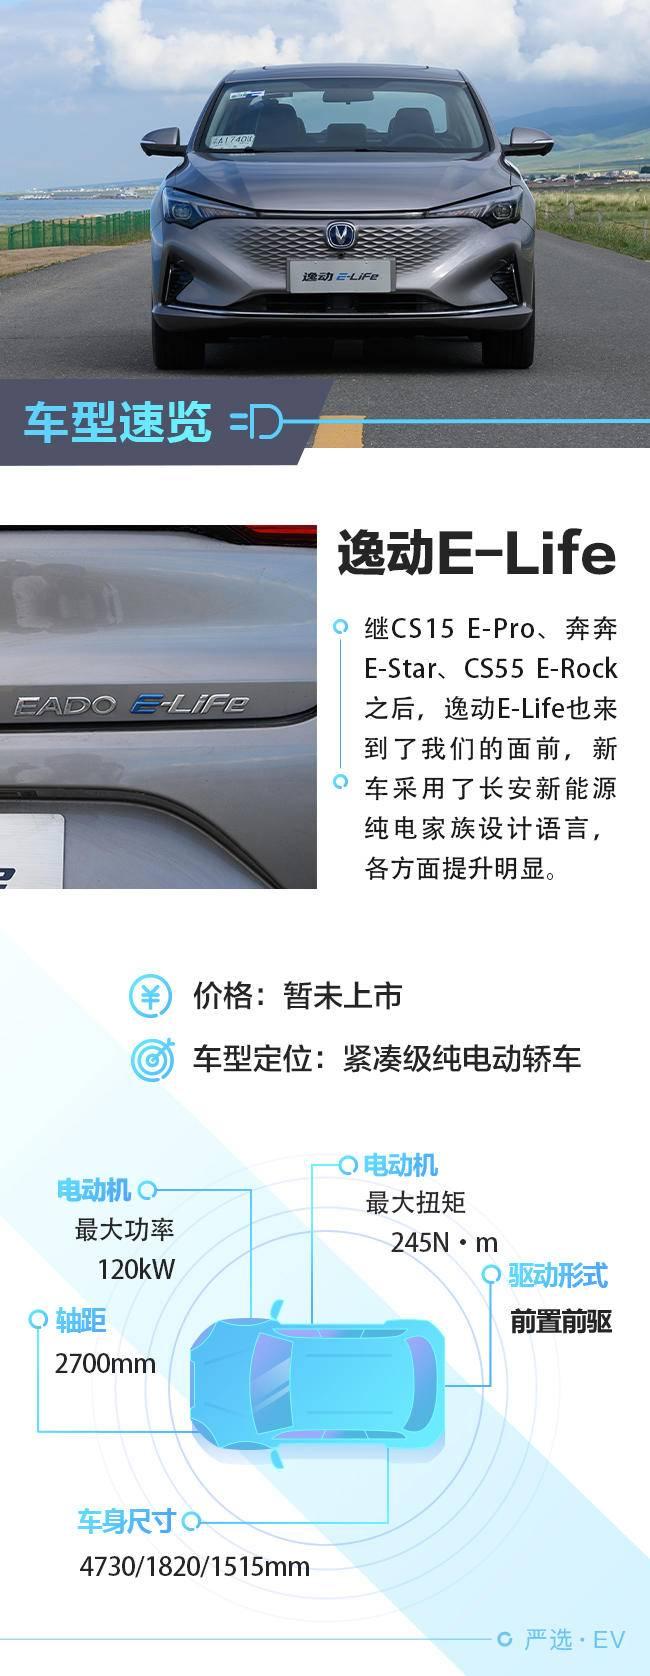 品質進階實用至上 試長安新能源逸動E-Life